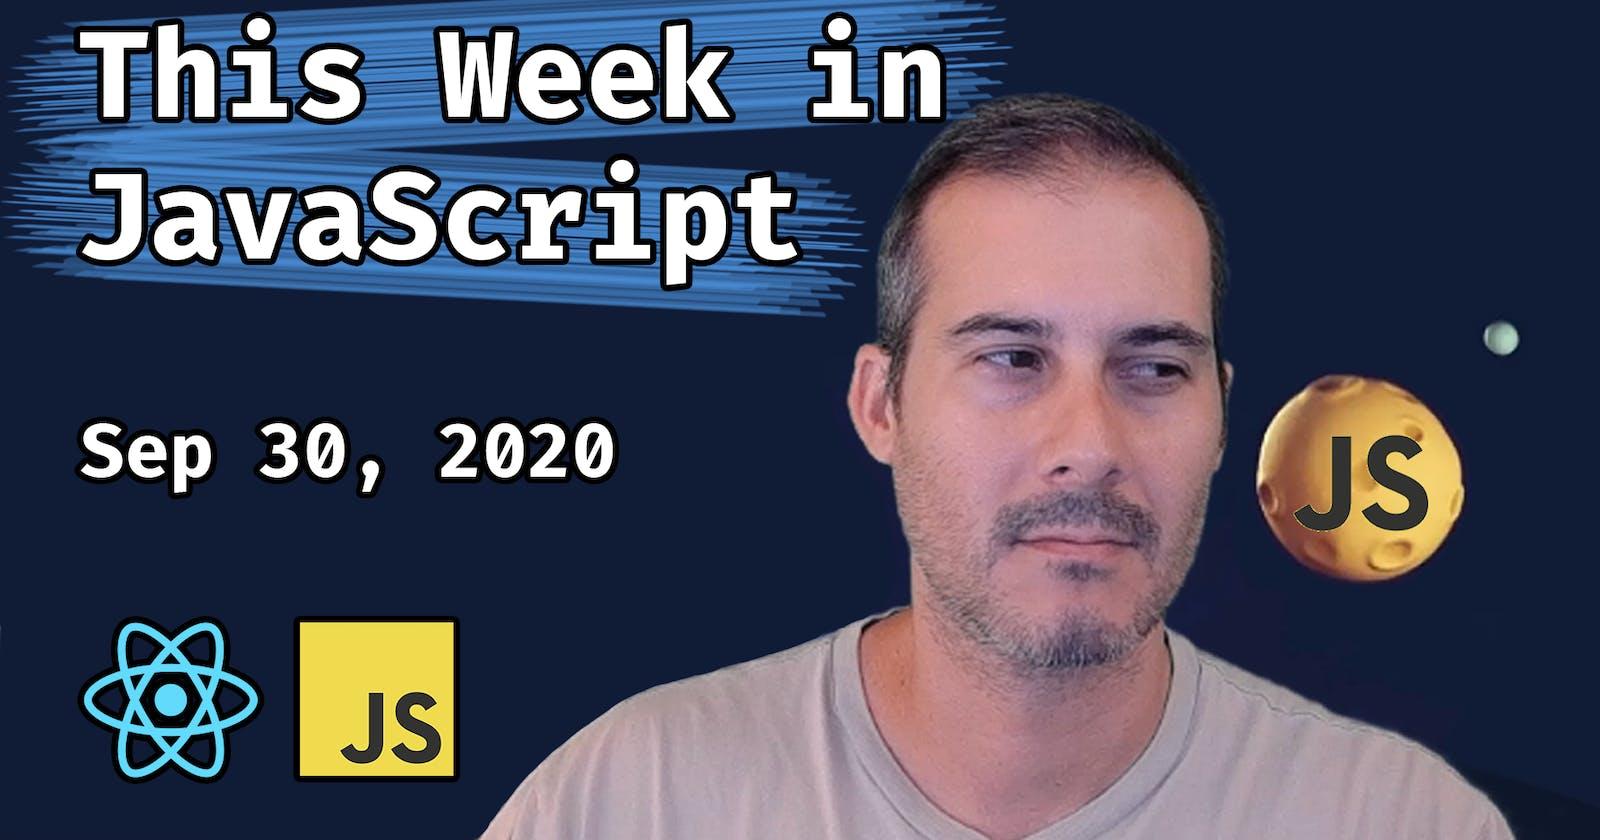 This Week in JavaScript by Joel 9/30/2020